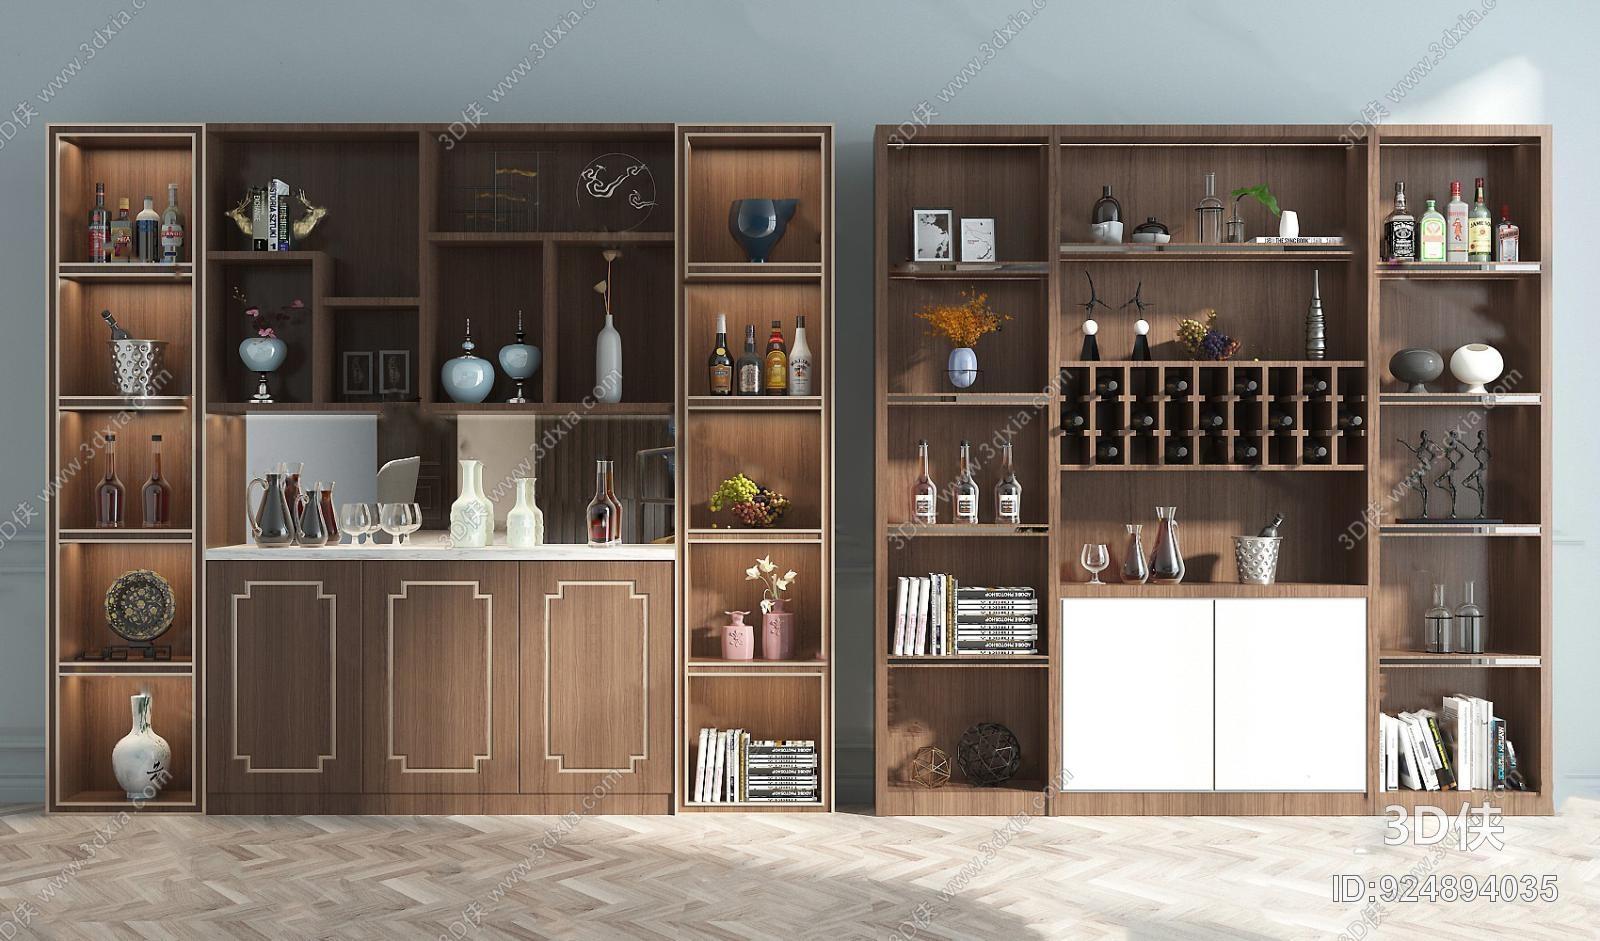 380浏览数95次下载 3d侠模型网提供精美好看的现代 酒柜效果图素材